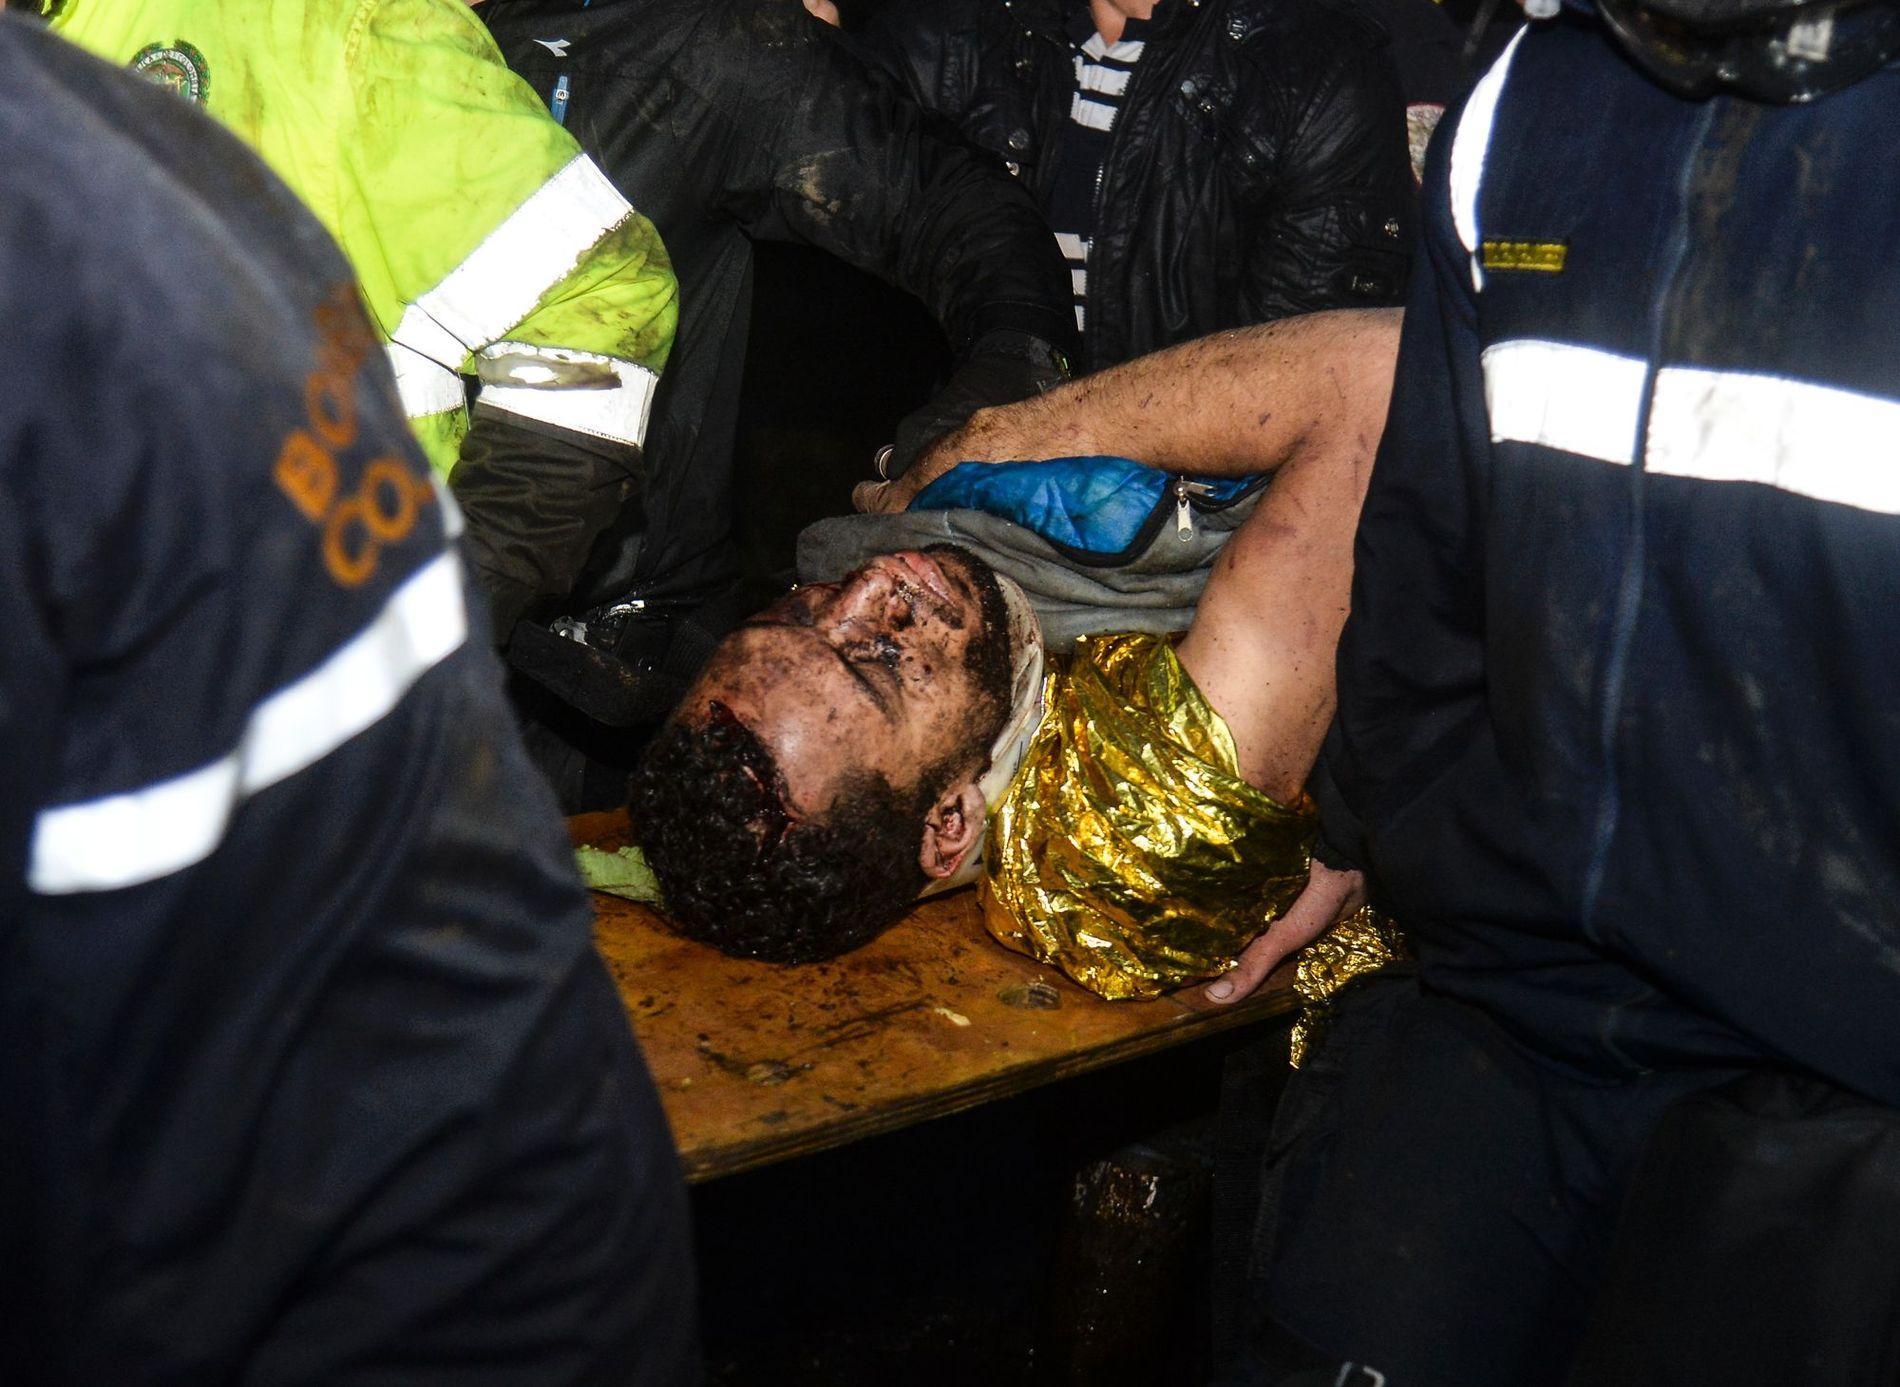 REDDET:  Neto ble hentet ut fra ulykkesområdet av redningsmannskaper etter flystyrten.